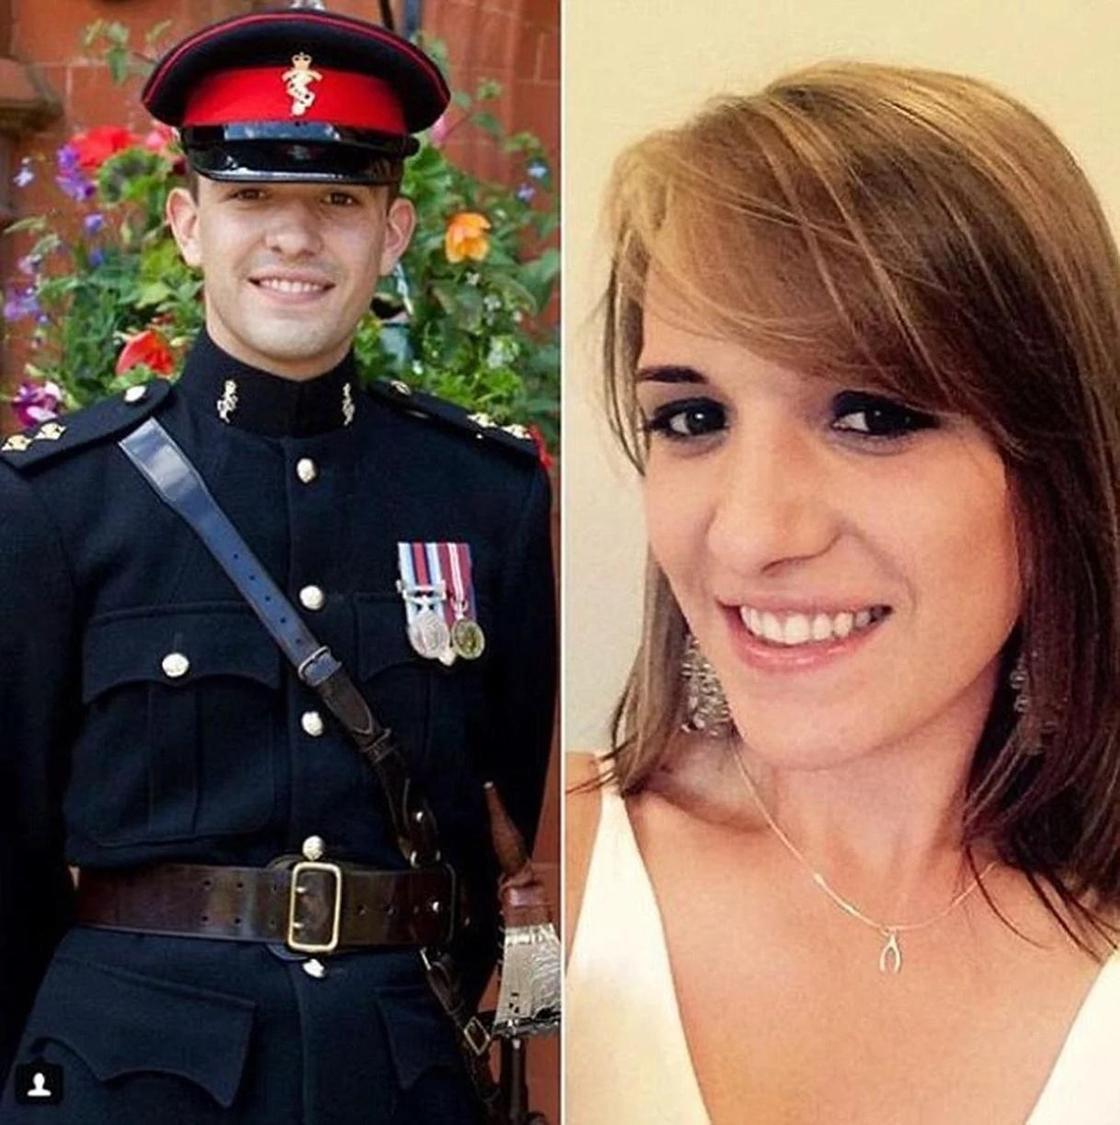 Сменившая пол женщина-офицер вышла замуж за актера, который раньше был девушкой